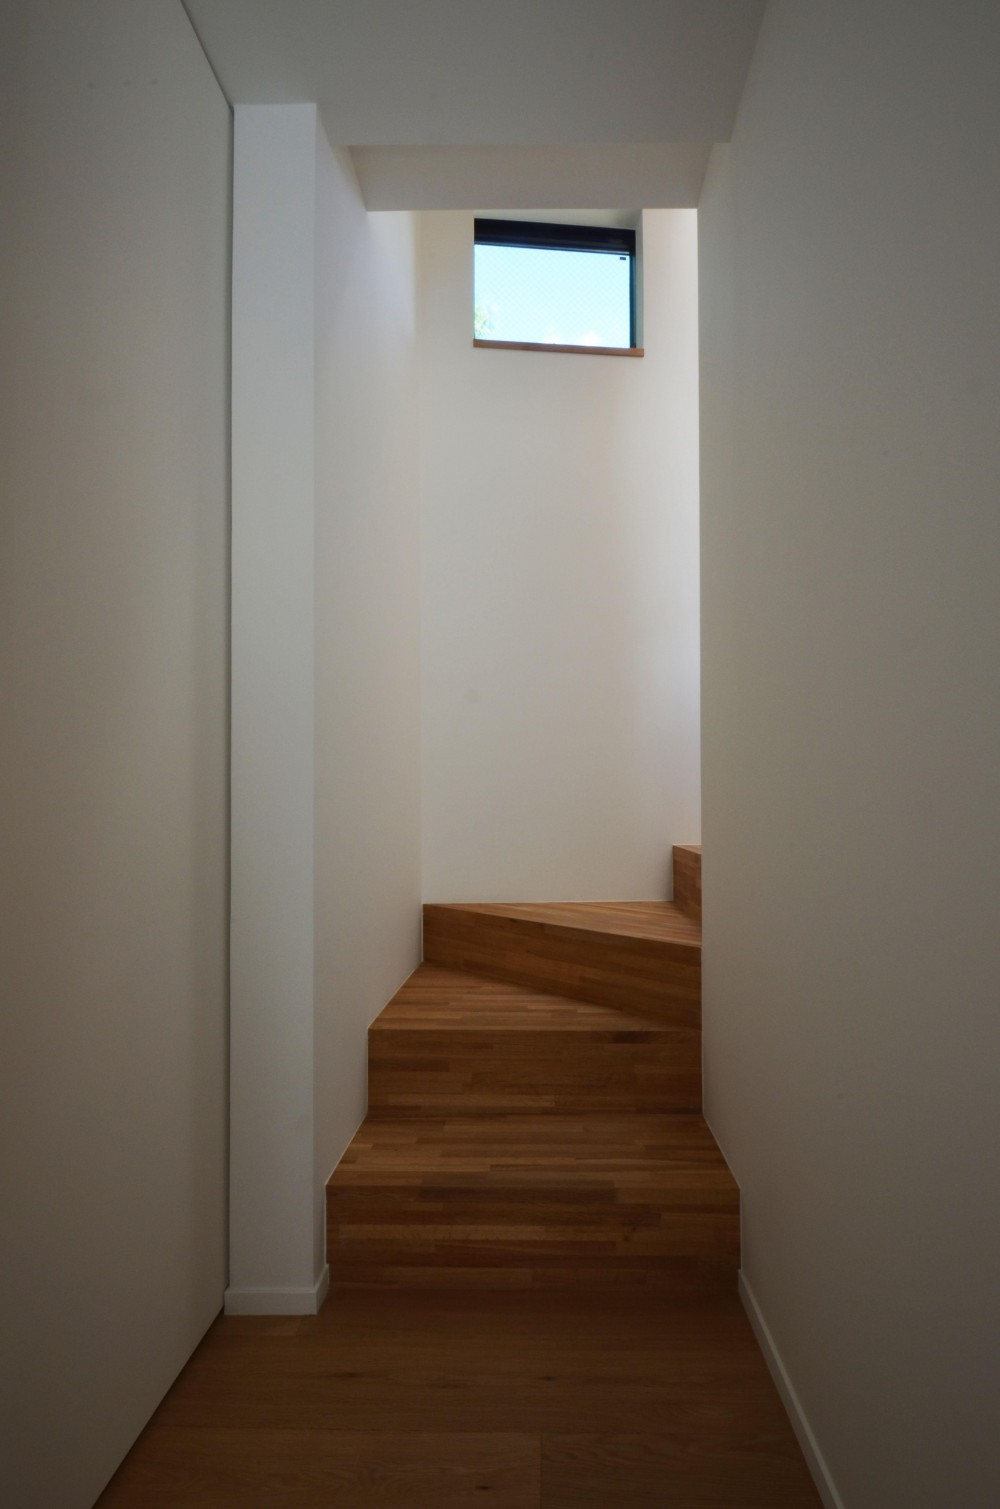 桃井M邸-中庭を中心としたコの字配置の立体コートハウス- (階段)